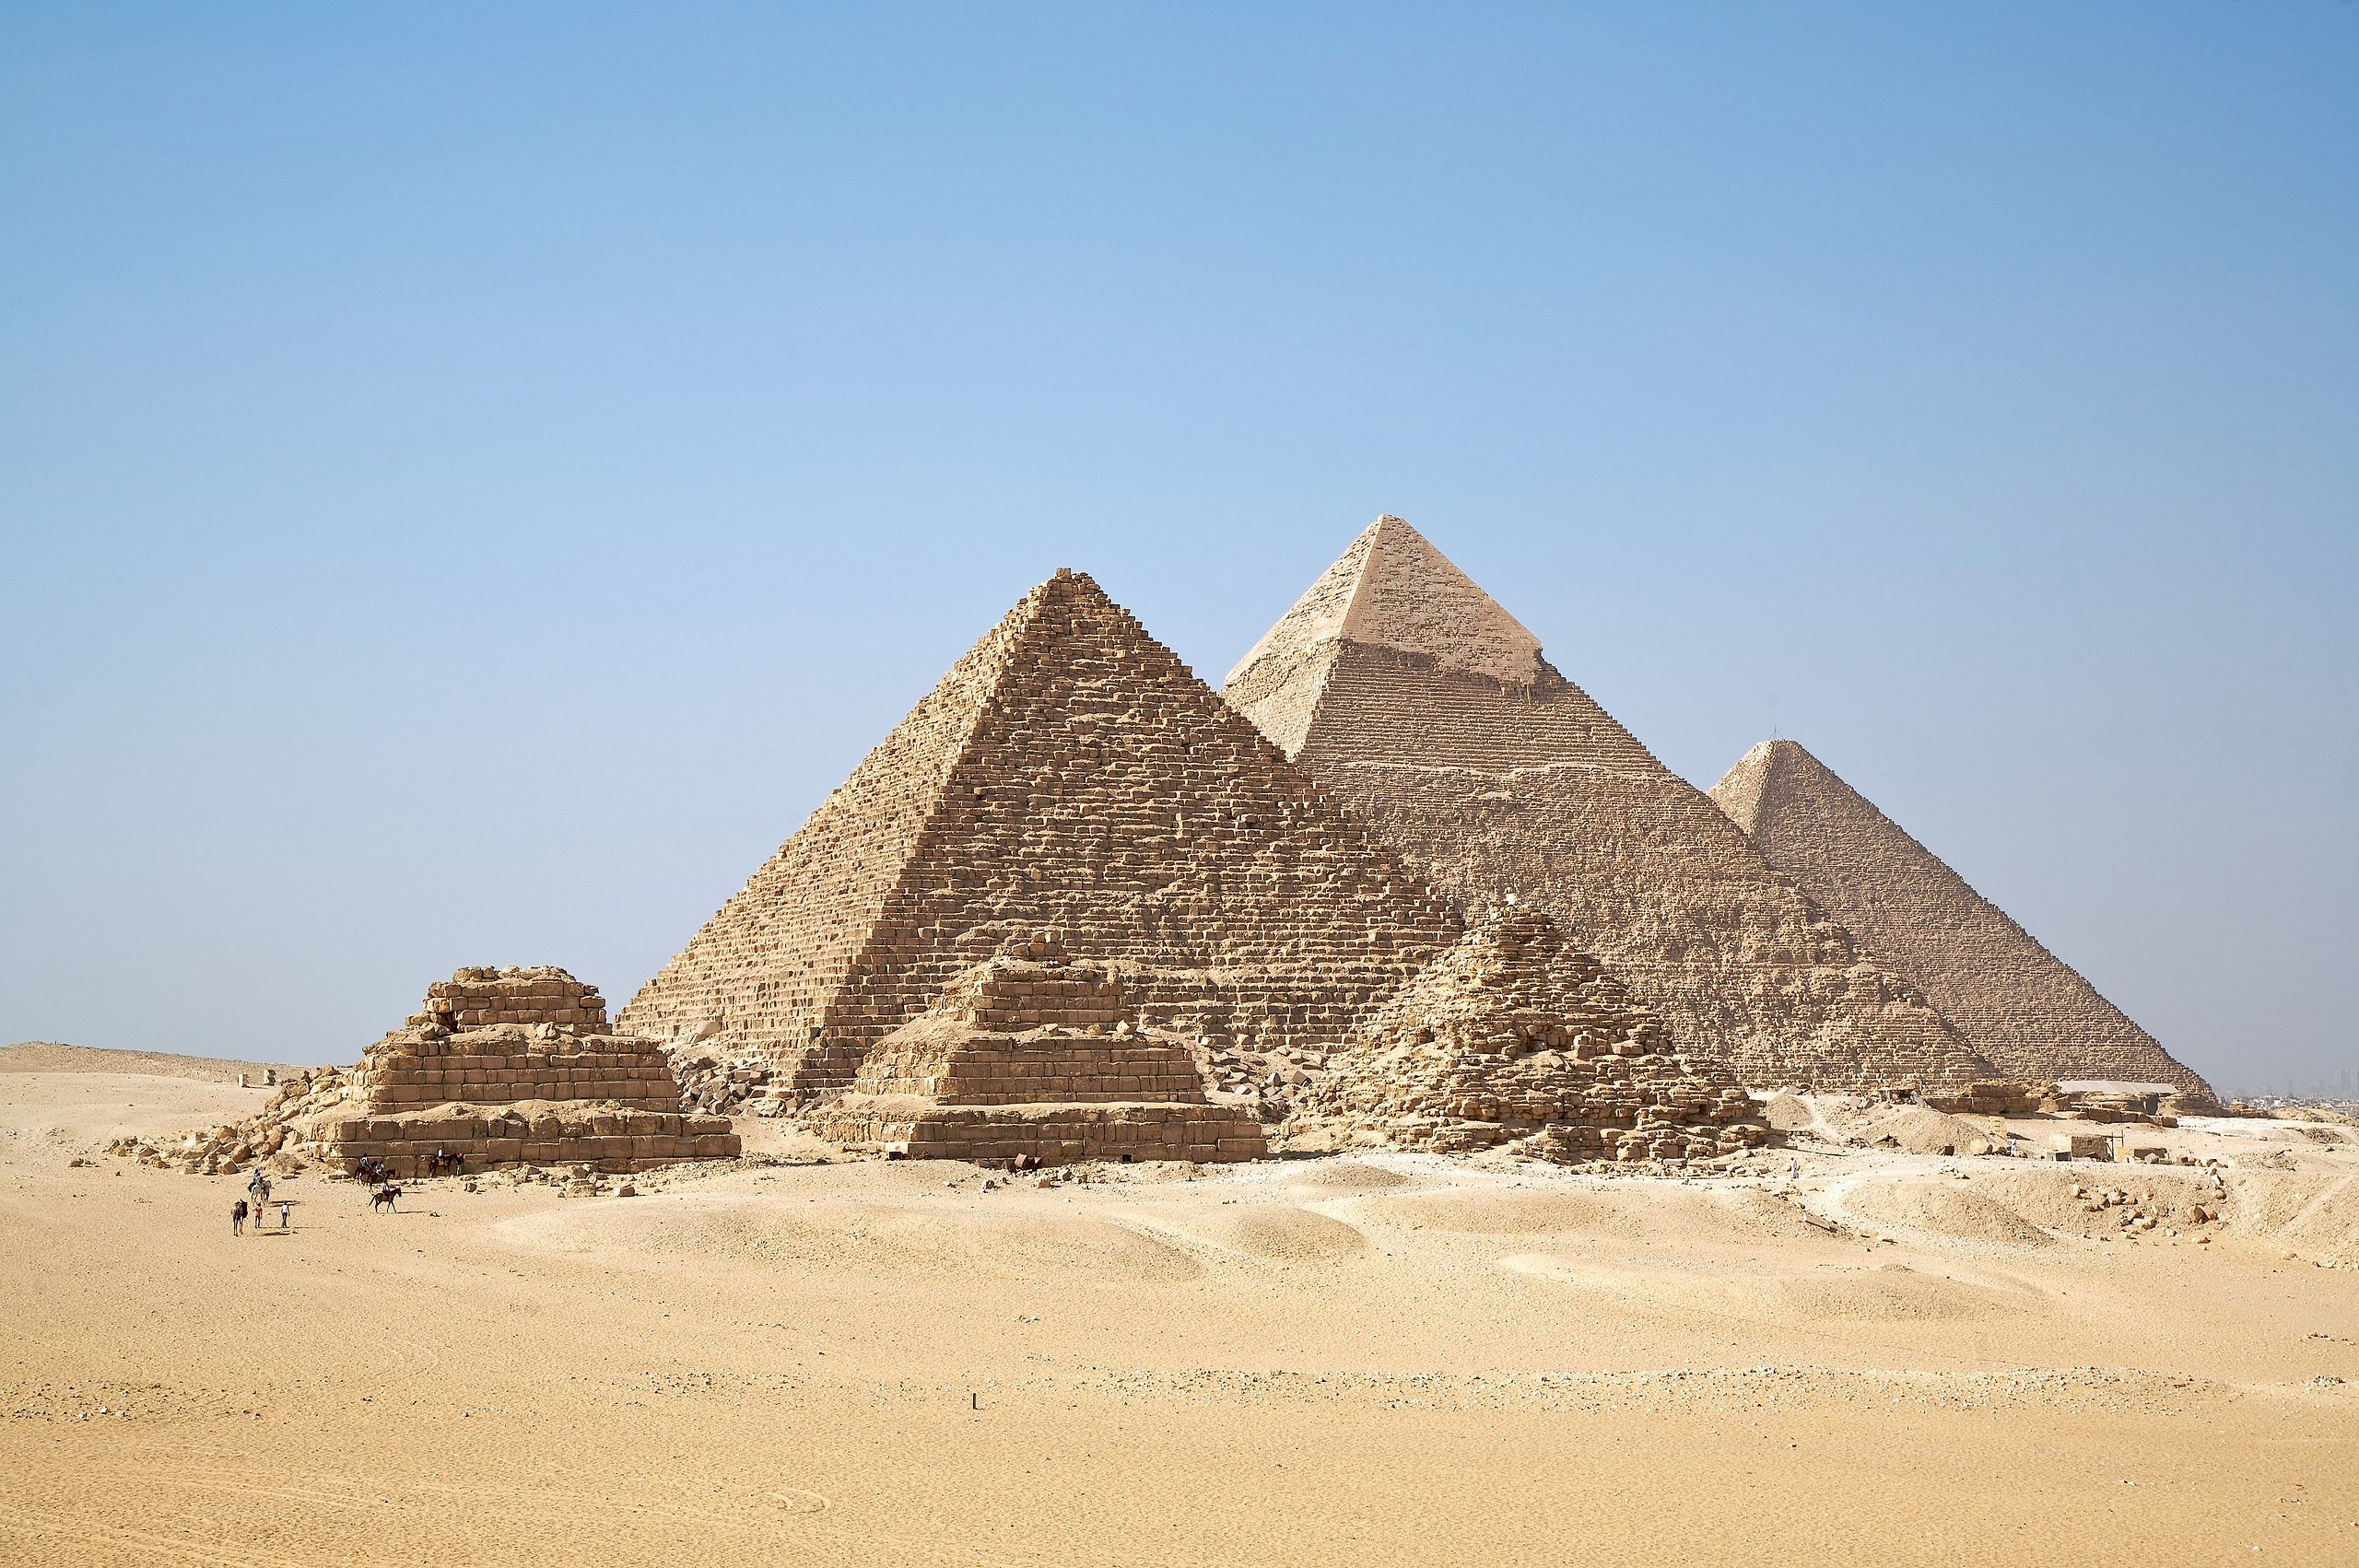 潜在意識、阿頼耶識とエジプトの古代信仰もアメリカ建国に